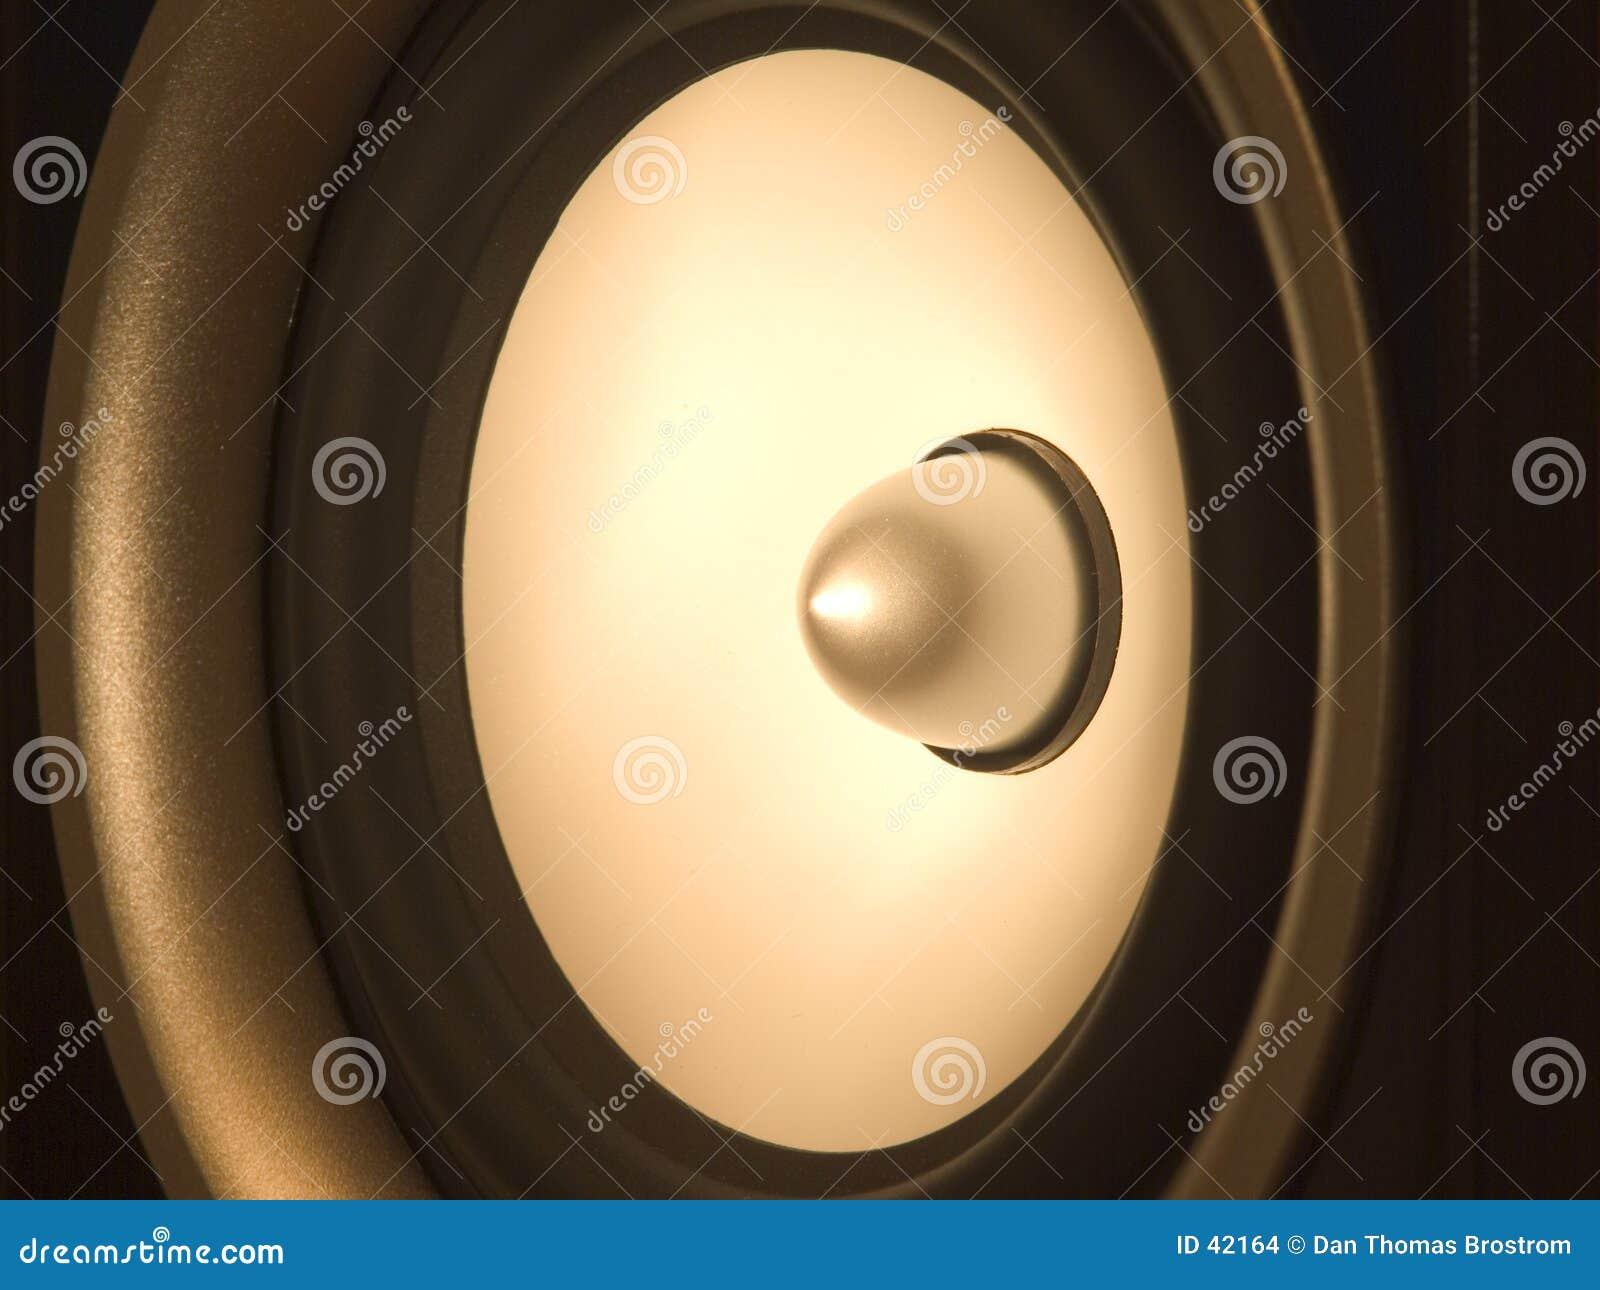 Download Altavoz audio foto de archivo. Imagen de sonido, radio, audio - 42164